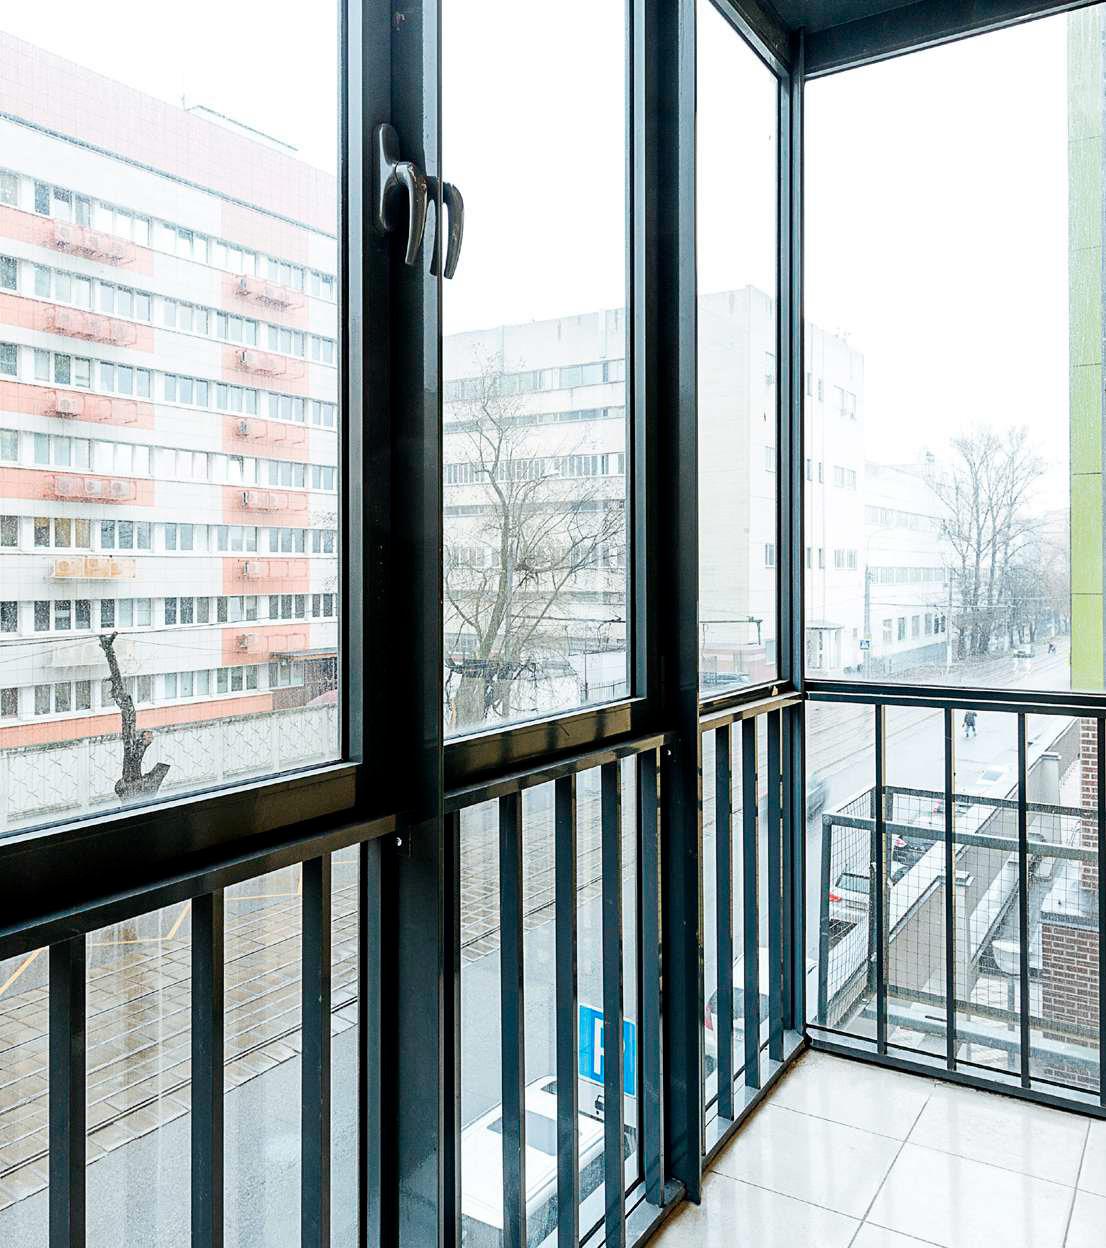 Балконы вквартирах оборудованы стеклопакетами, а наполу уложена керамическая плитка